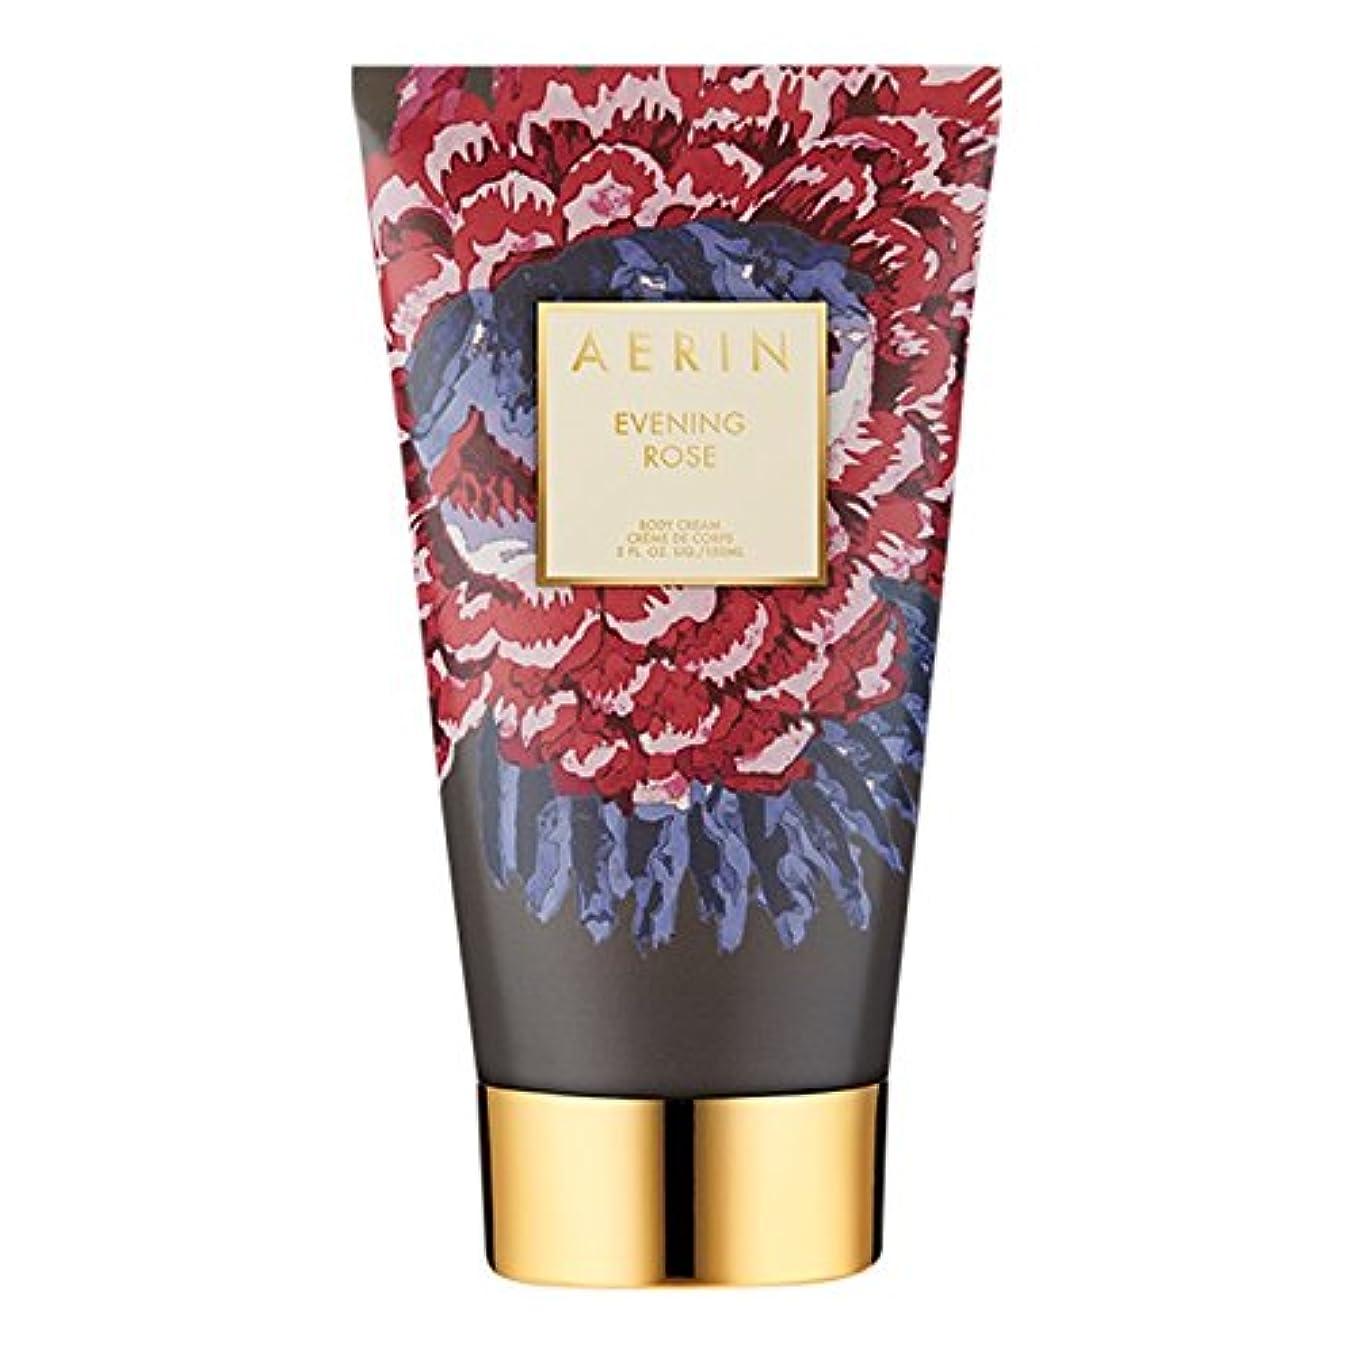 ニッケル幻想組立Aerinの夜は、ボディクリーム150ミリリットルをバラ (AERIN) - AERIN Evening Rose Body Cream 150ml [並行輸入品]